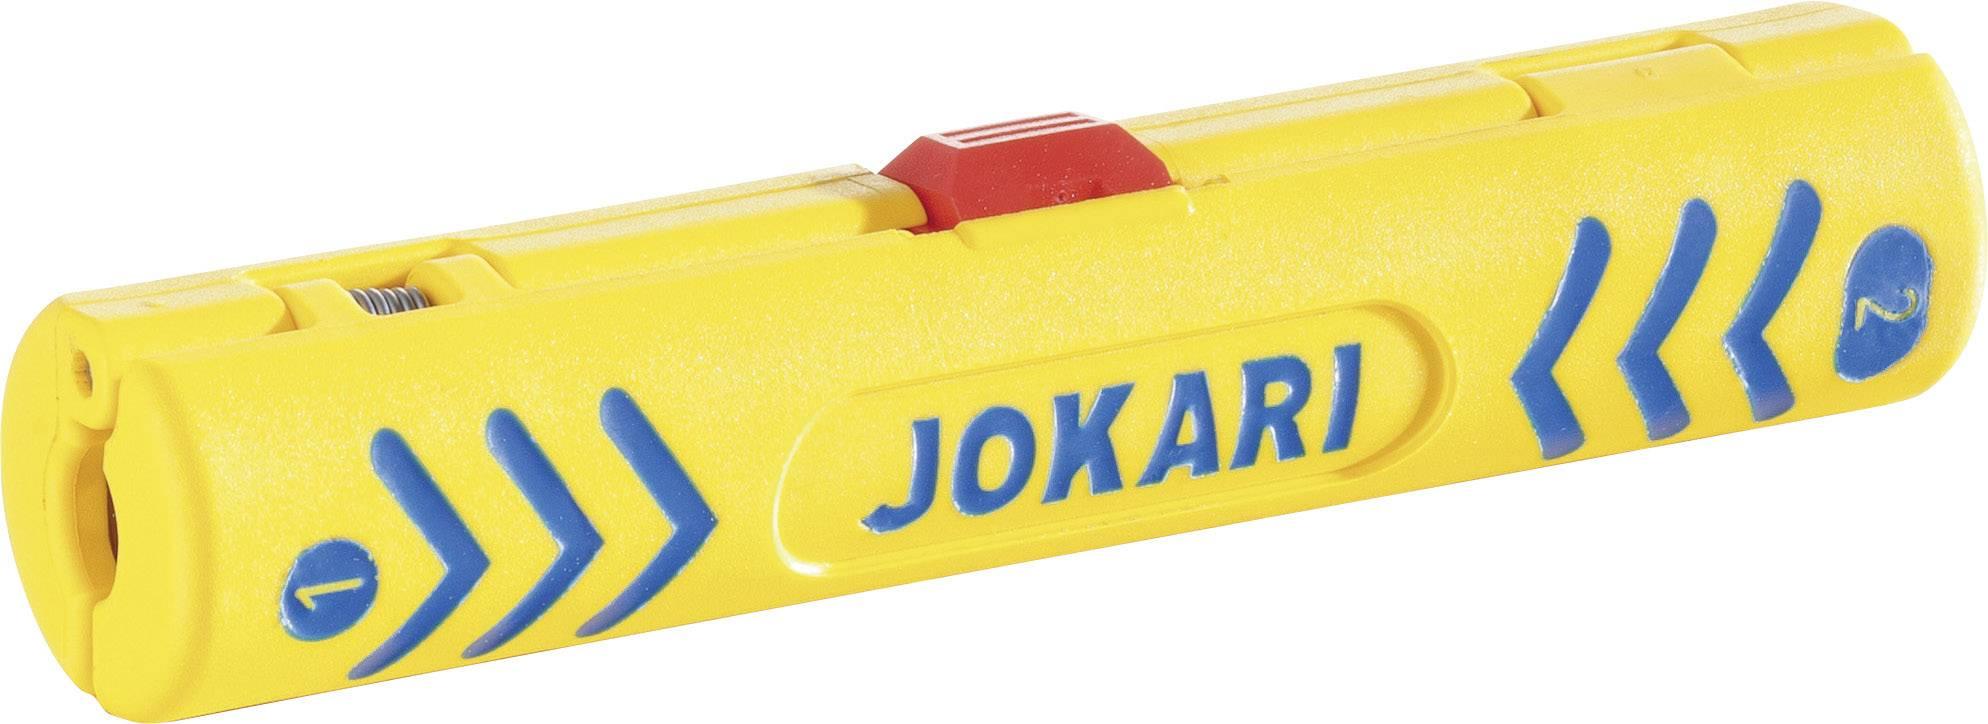 Odizolovač Jokari Secura Coaxi No.1, Ø 4,8 - 7,5 mm